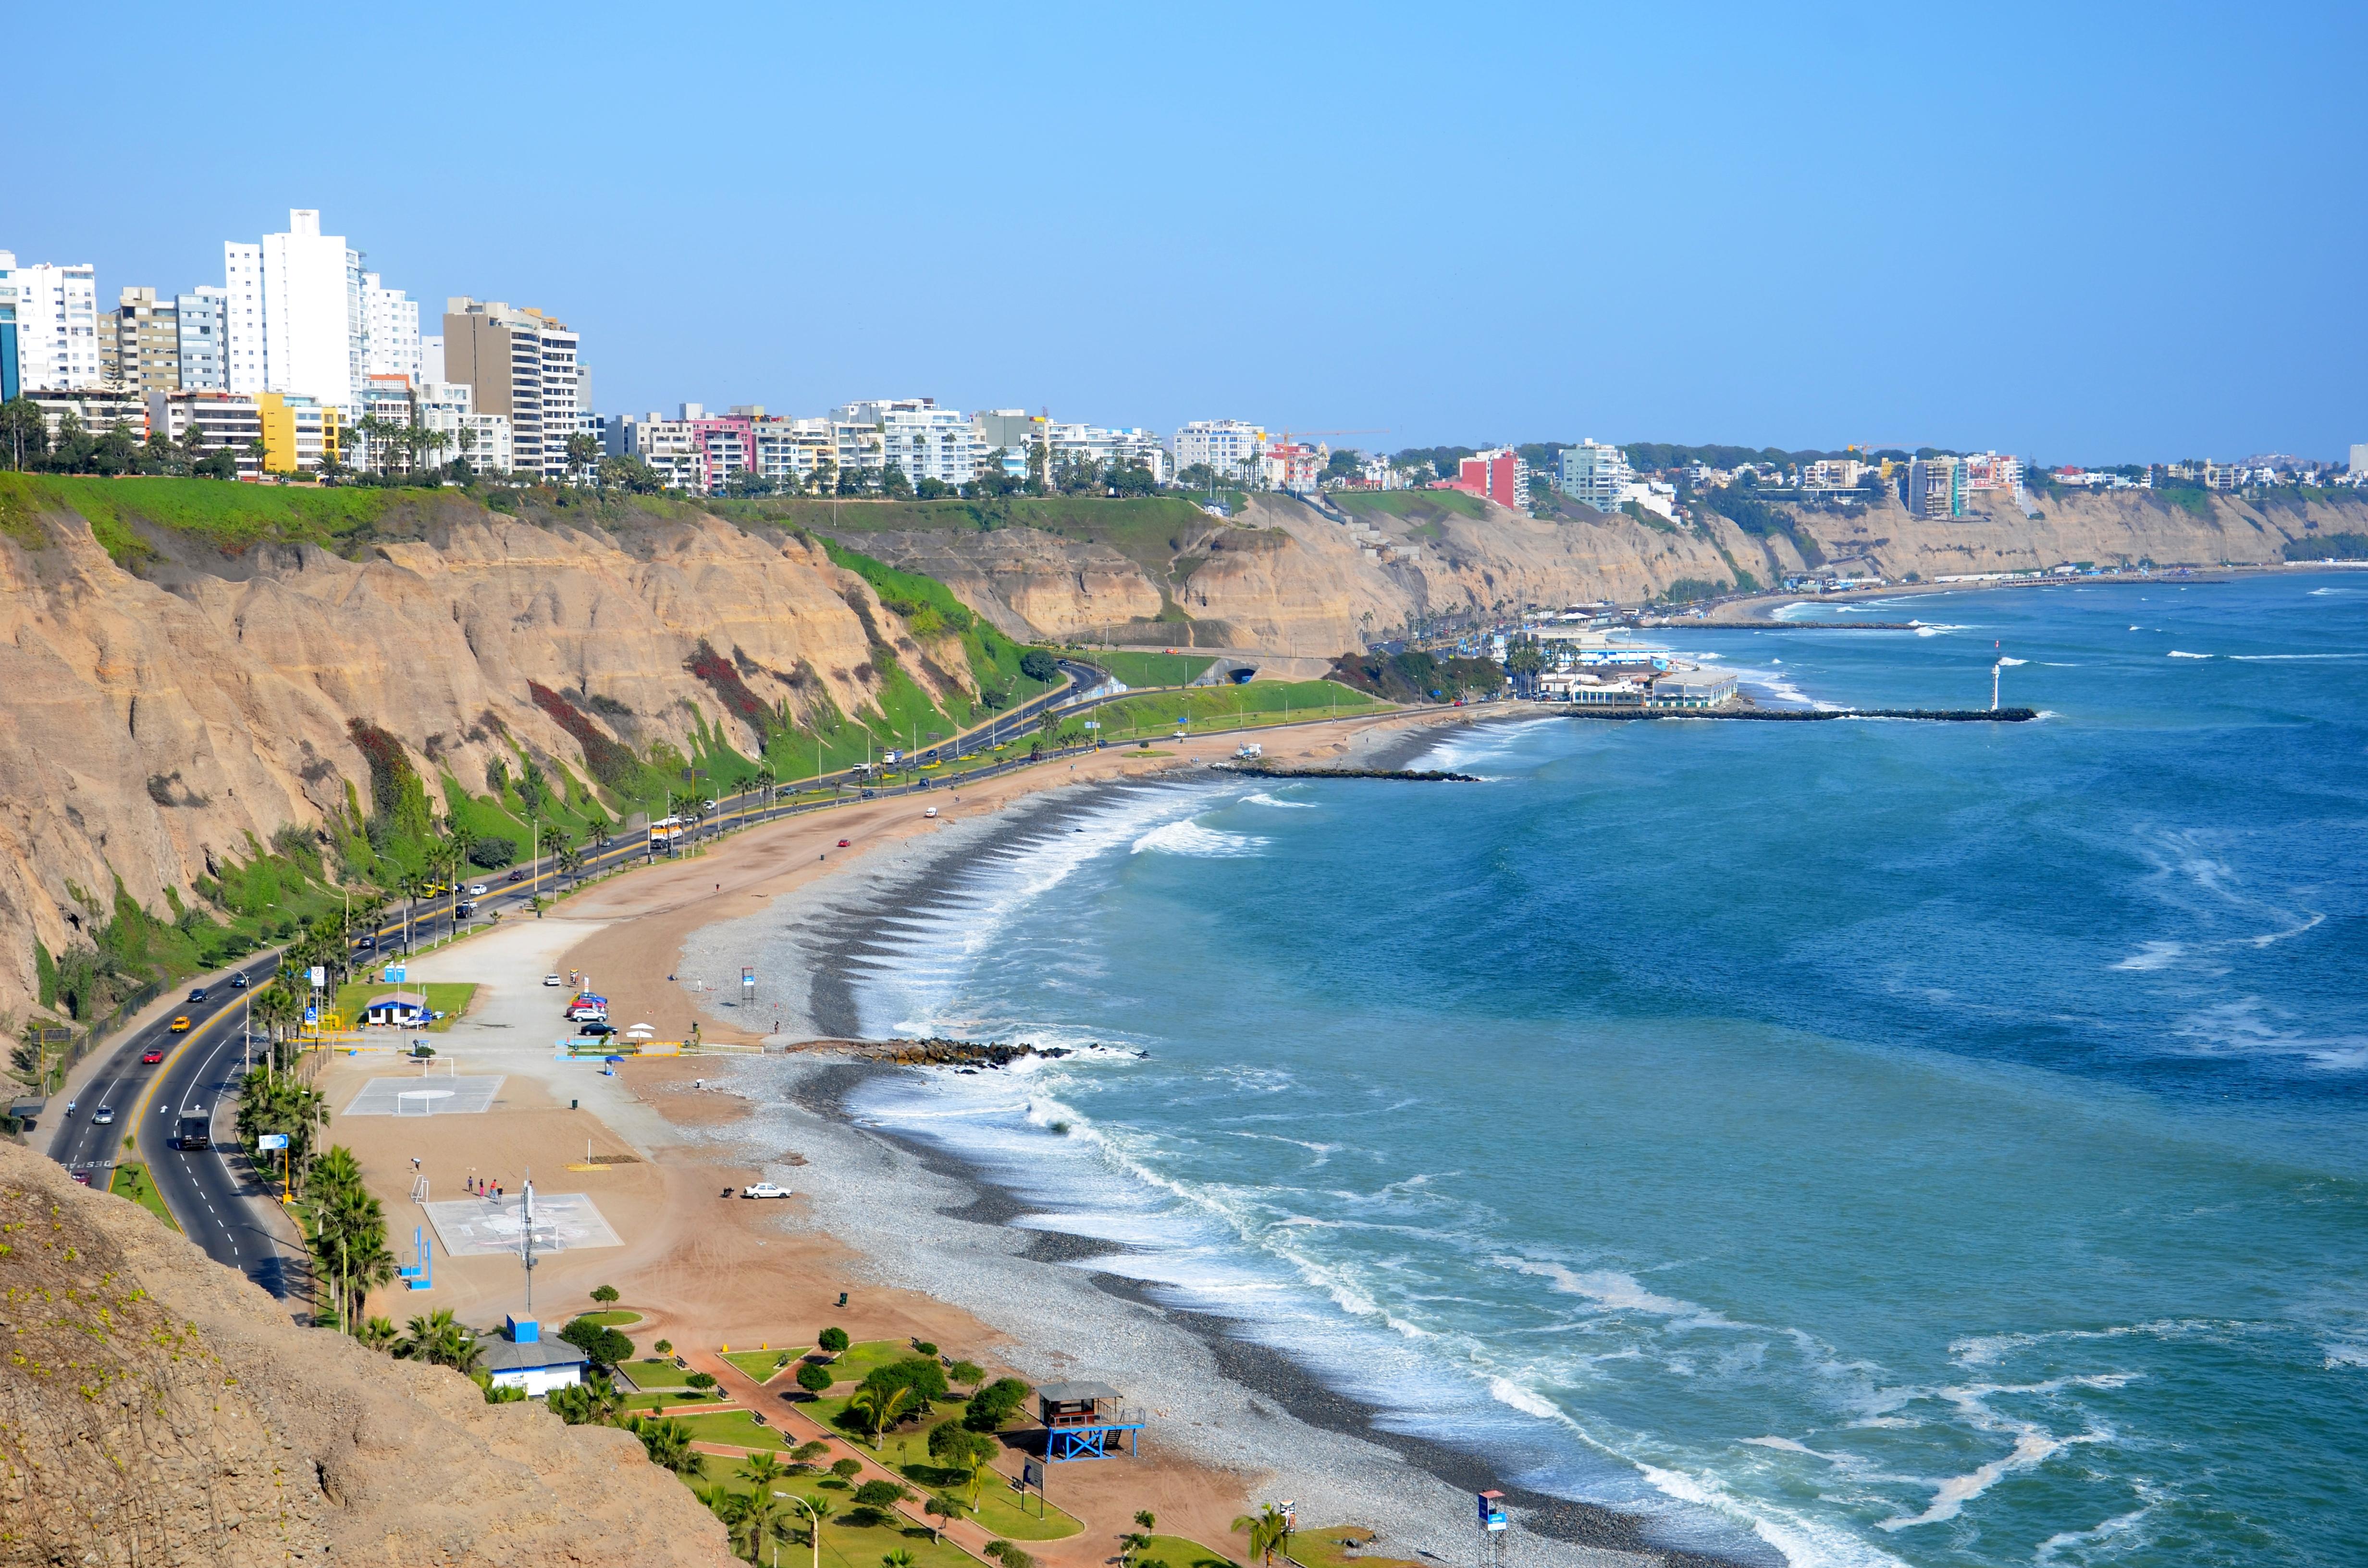 Beach Towns To Visit Near Costa Mesa Ca